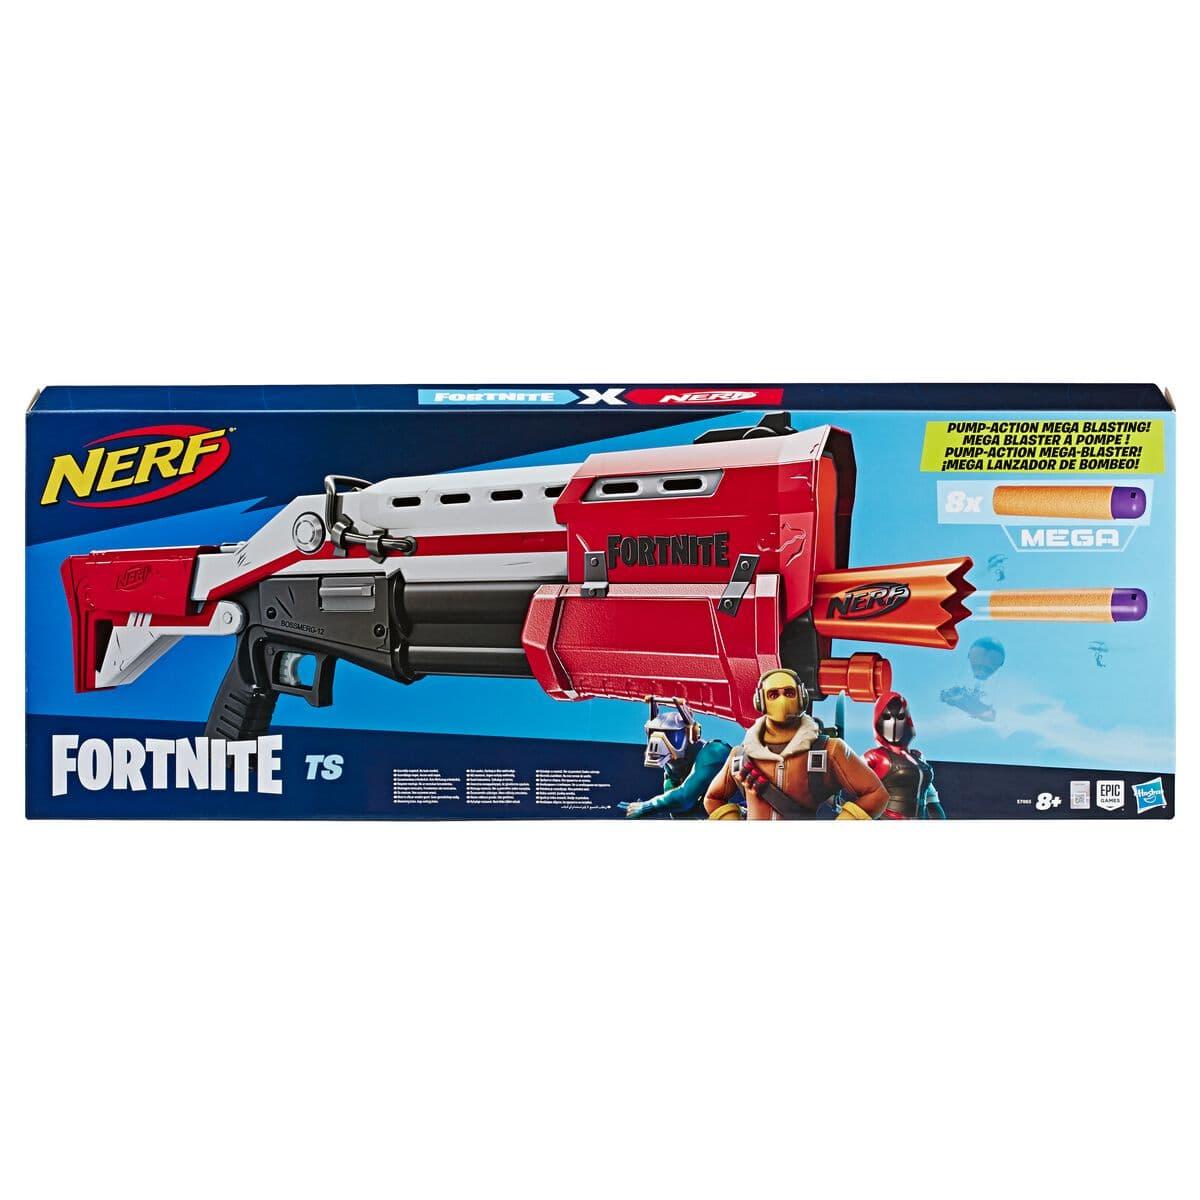 Nerf Fortnite TS-Blaster – Pump-Action Dart Blaster Blaster